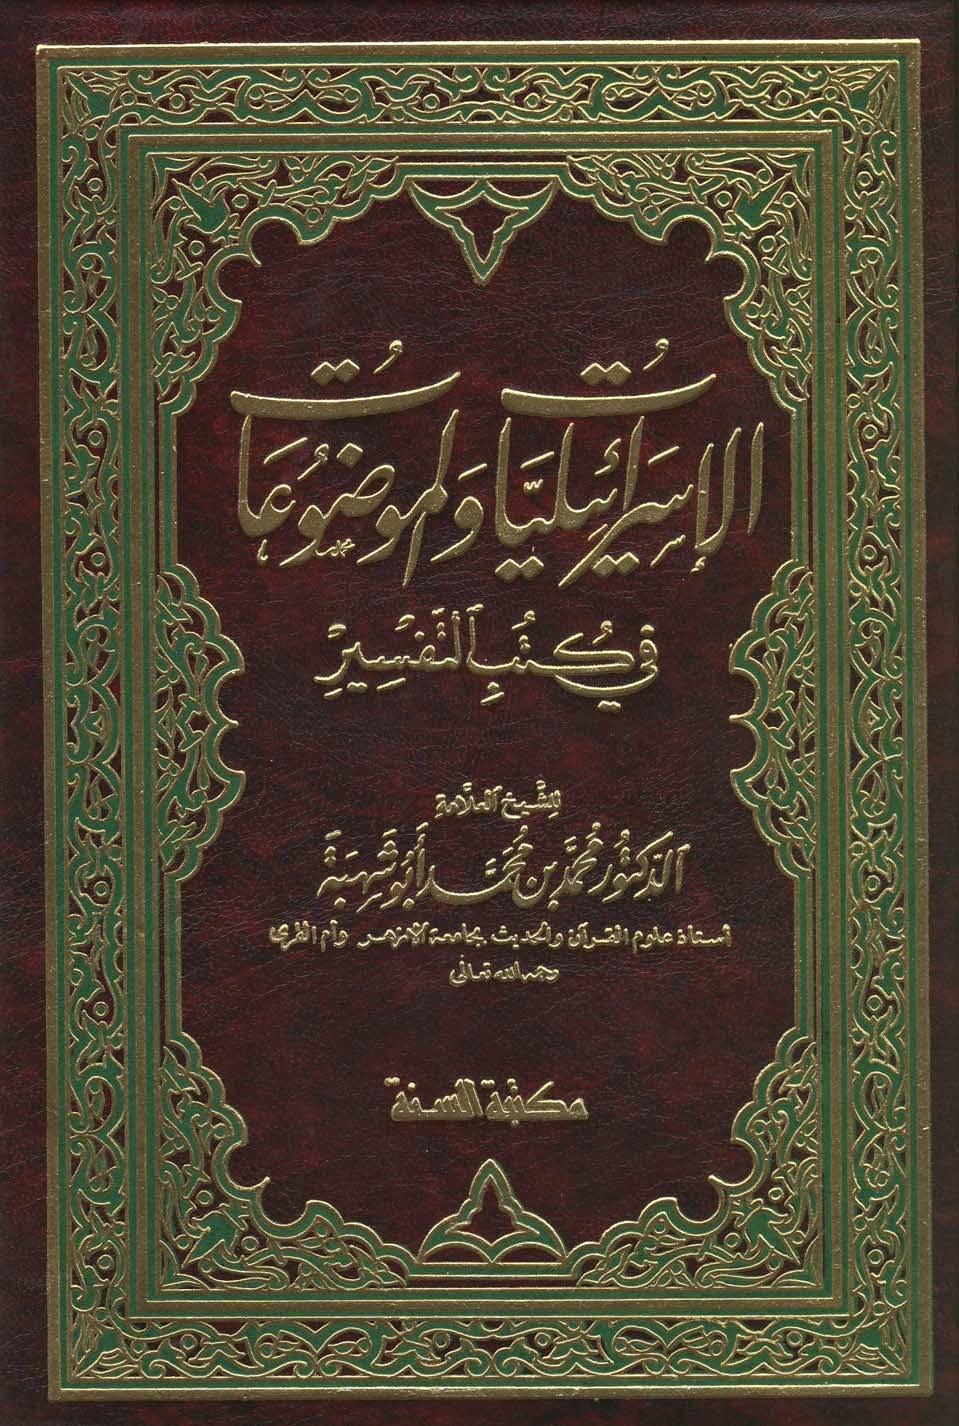 الإسرائليات والموضوعات في كتب التفسير - محمد ابو شهبة pdf